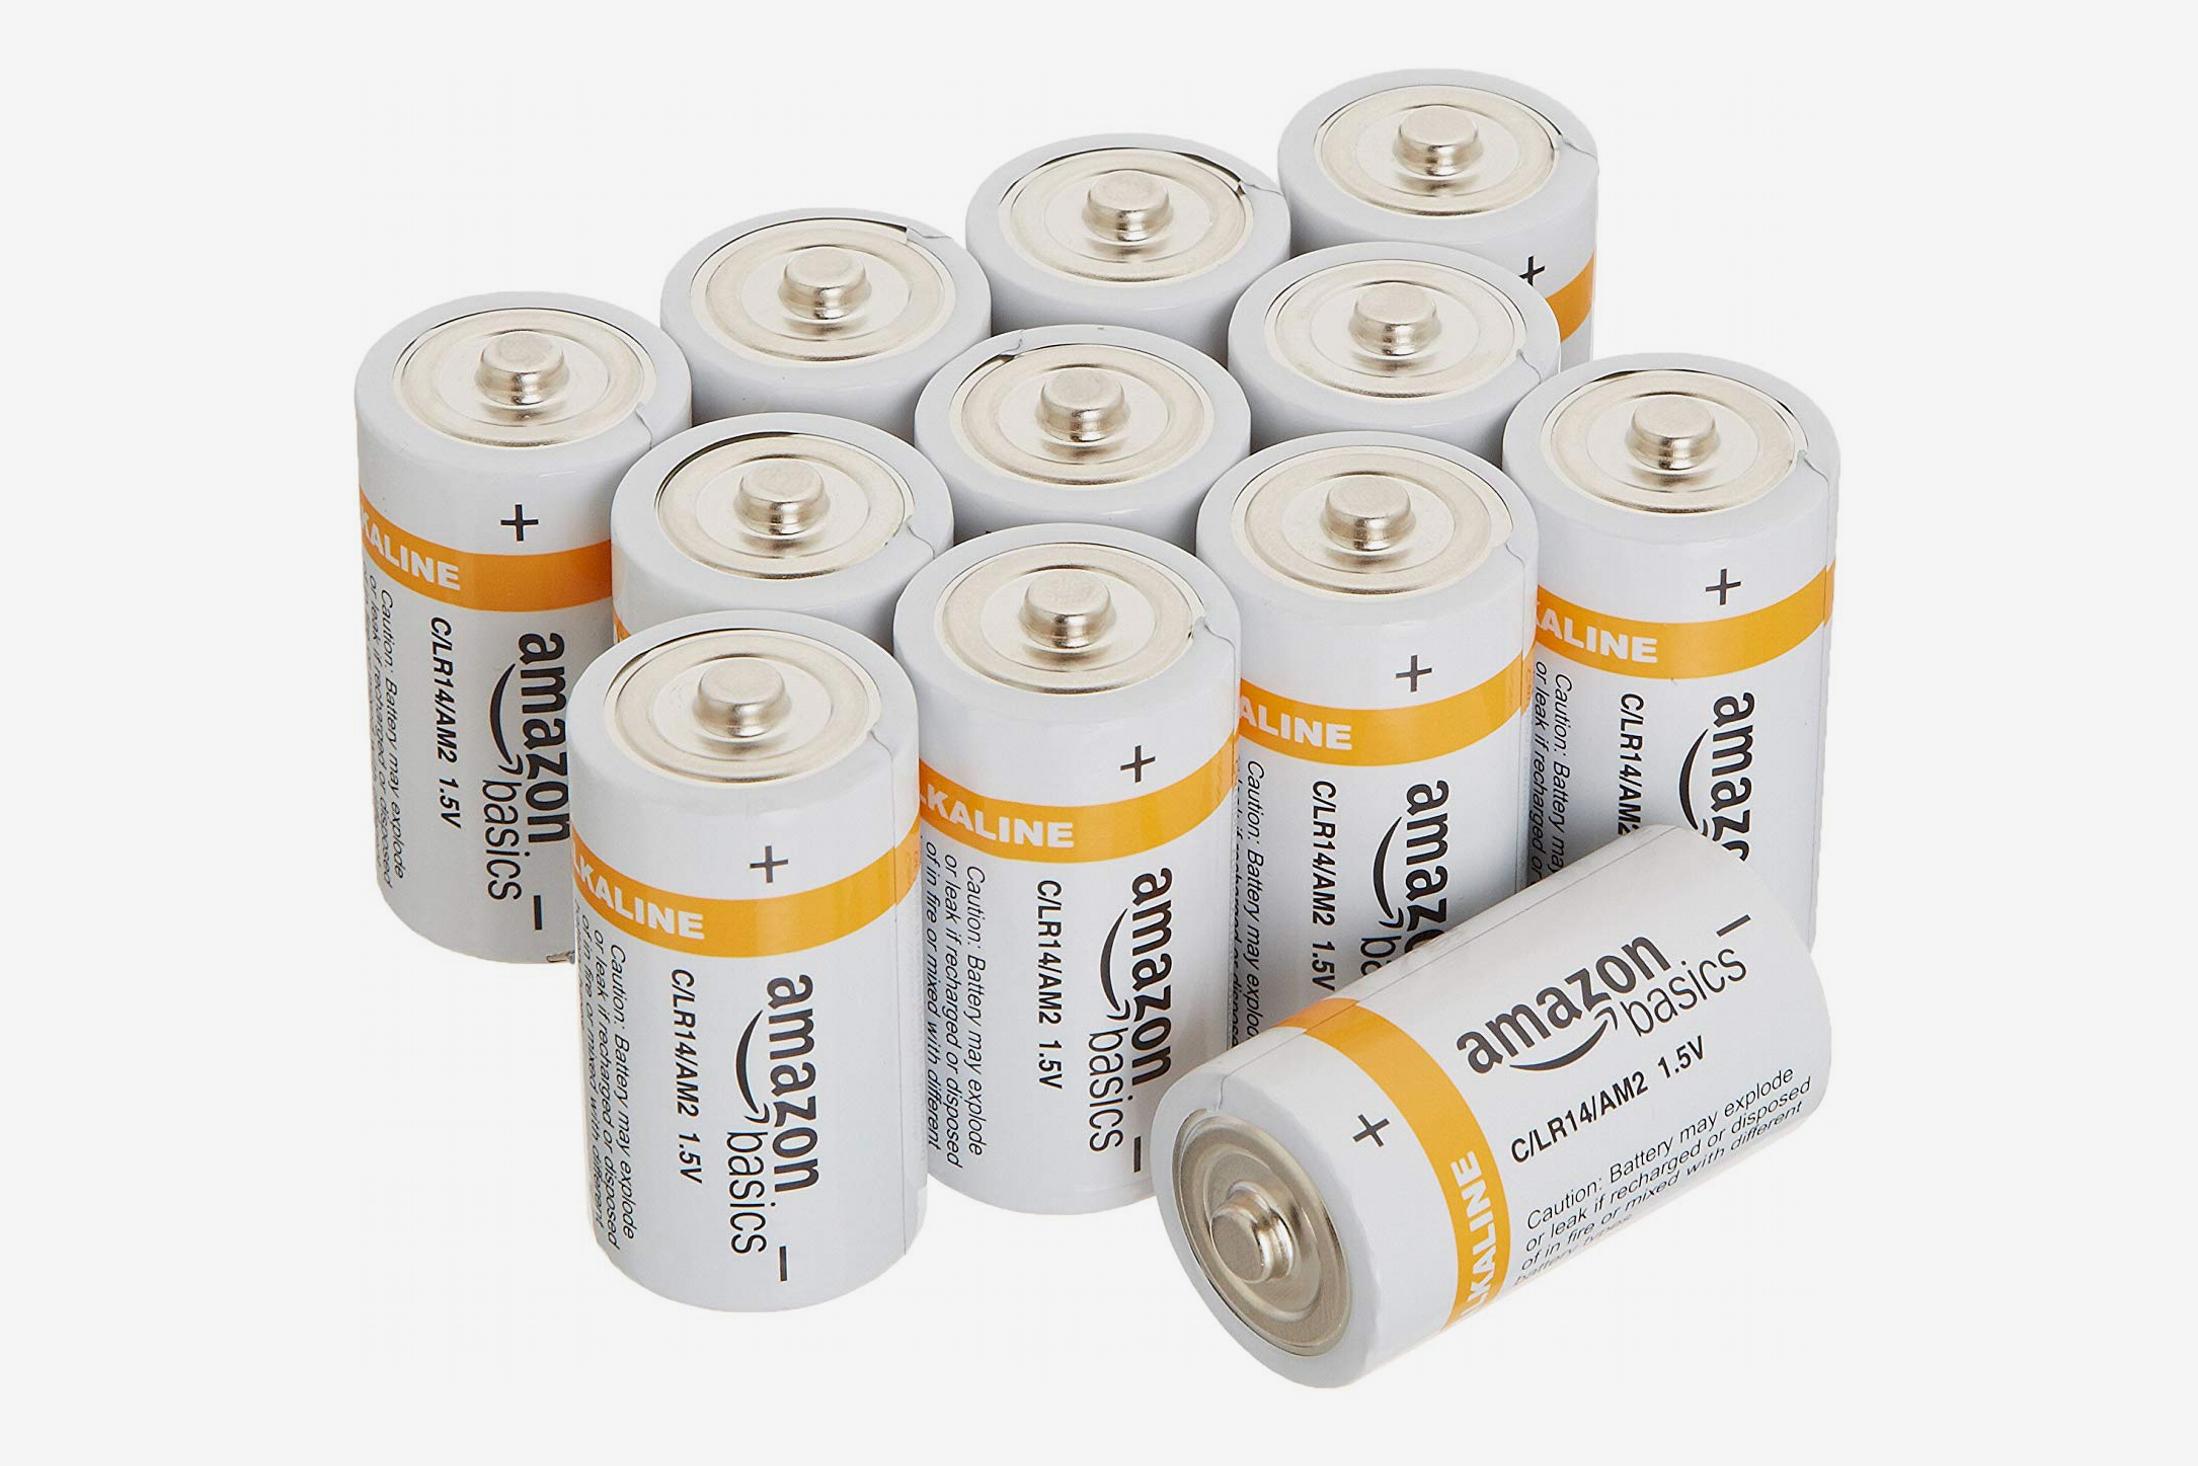 AmazonBasics C Cell 1.5 Volt Alkaline Batteries - Pack of 12